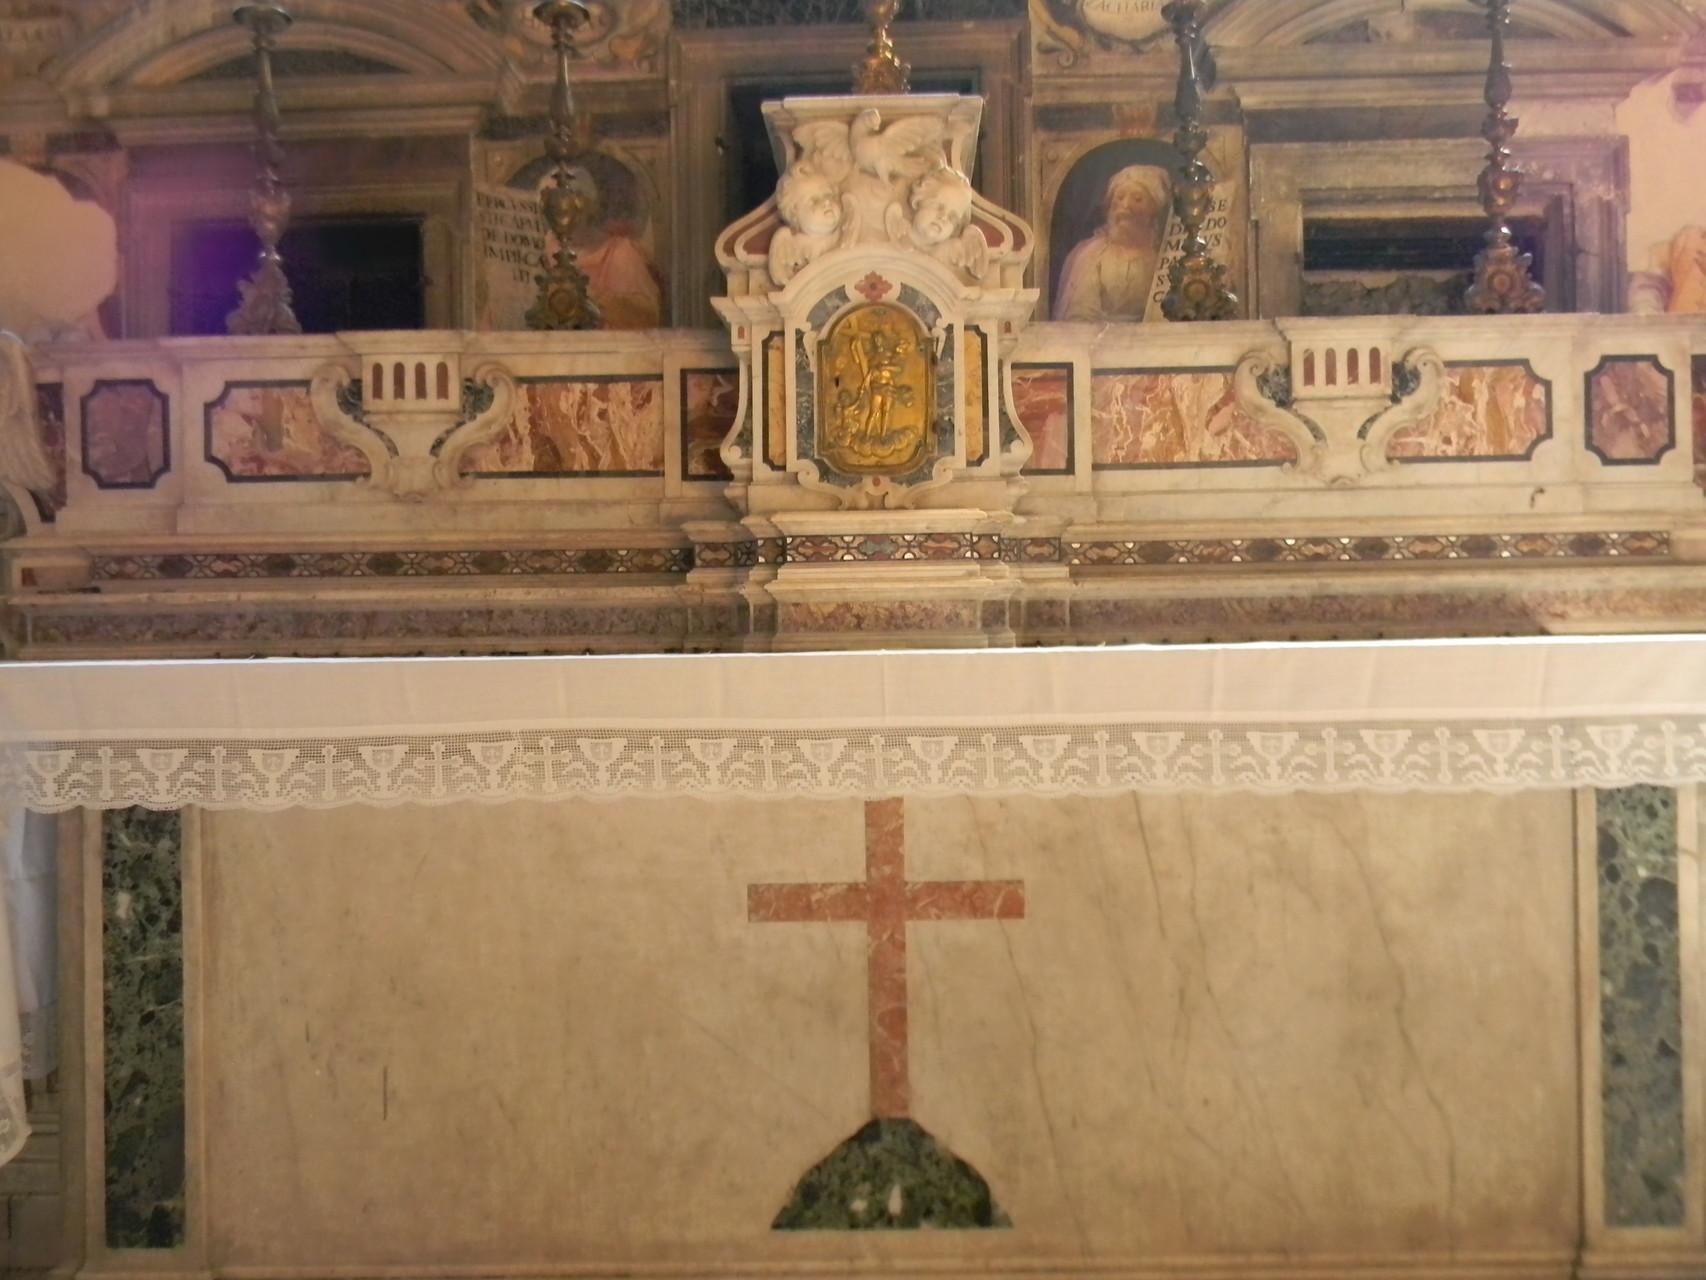 L'Altare maggiore, che attualmente custodisce le reliquie dei Martiri [foto Peppe Guida]